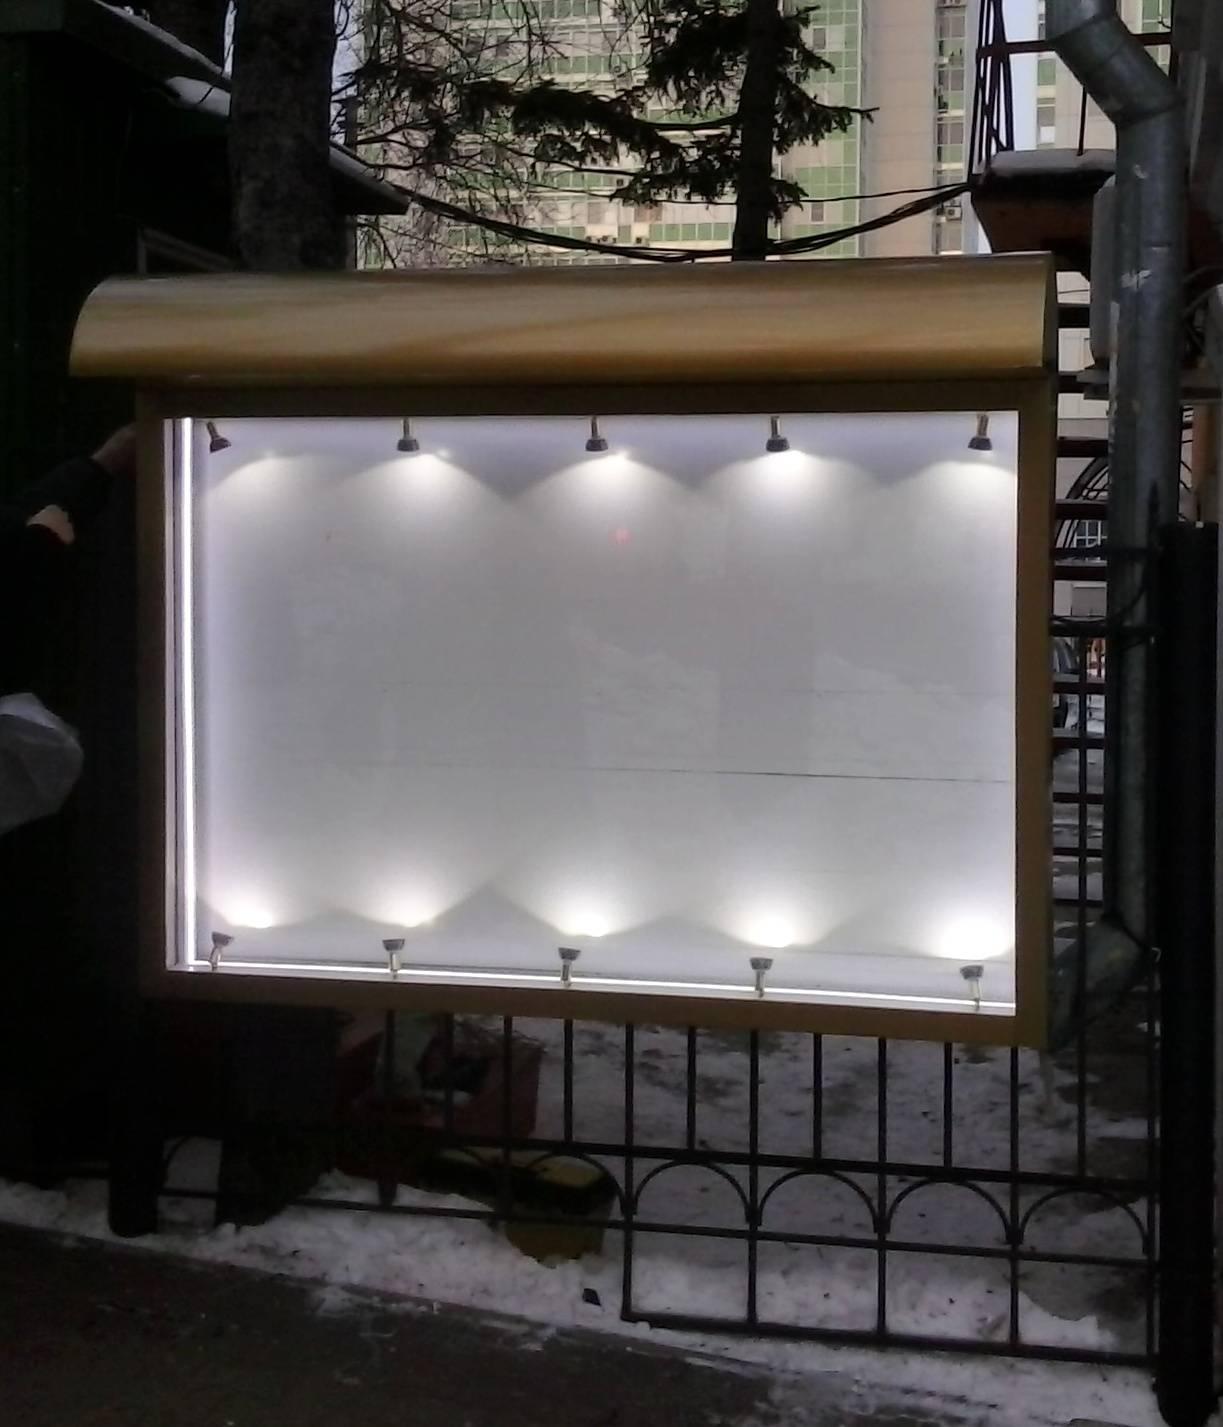 уличный стенд со встроенными светильниками